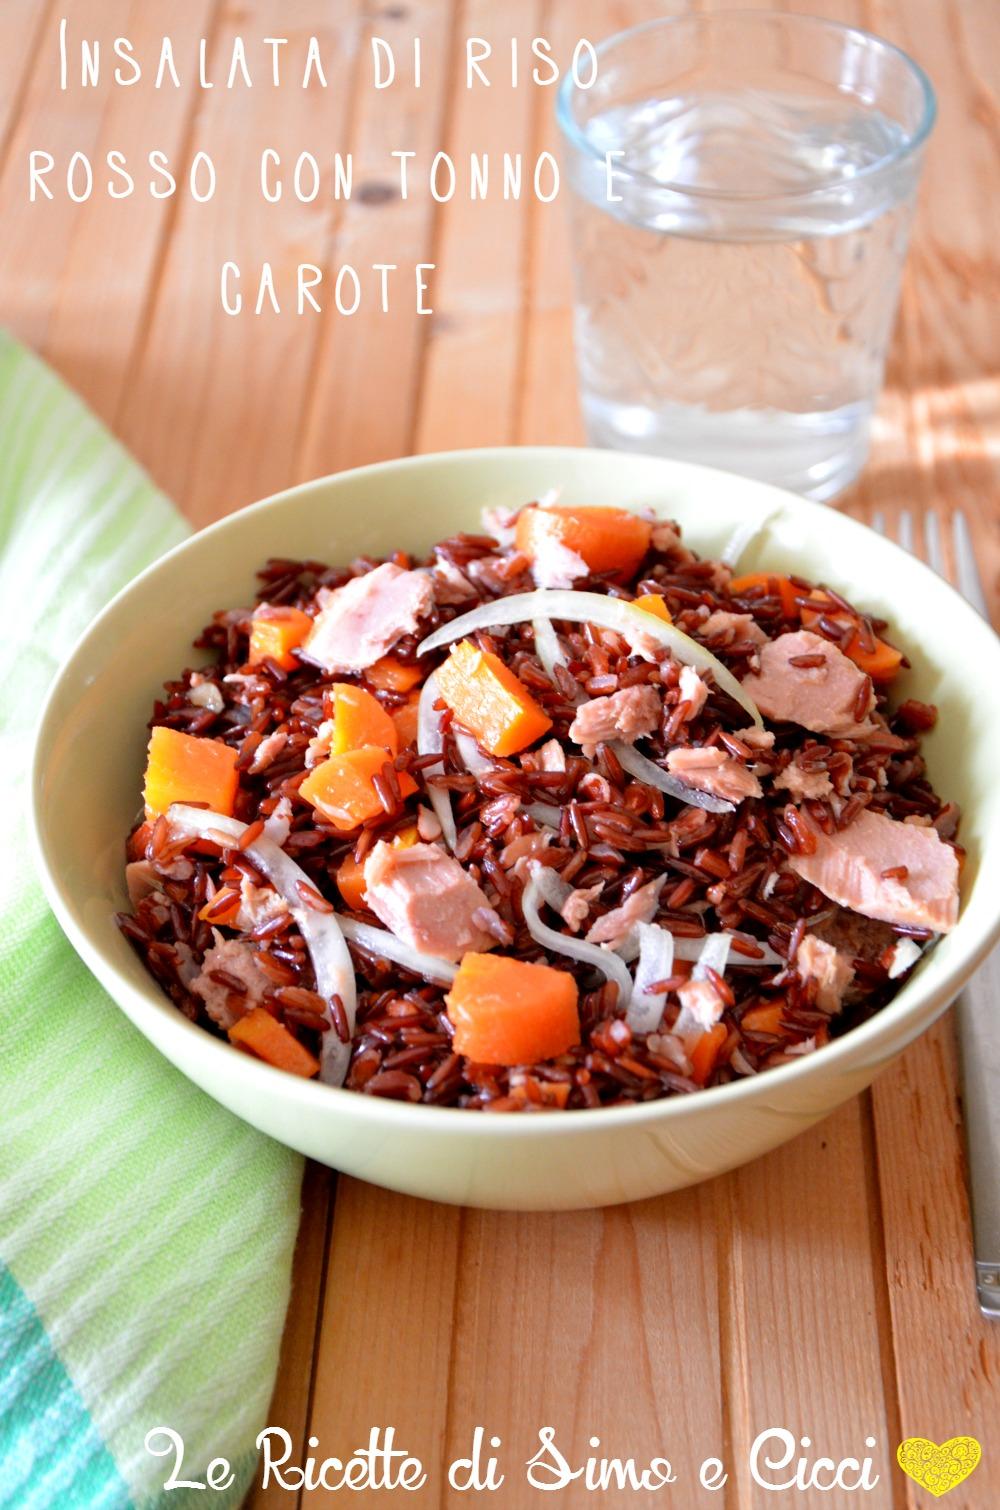 Insalata di riso rosso con tonno e carote